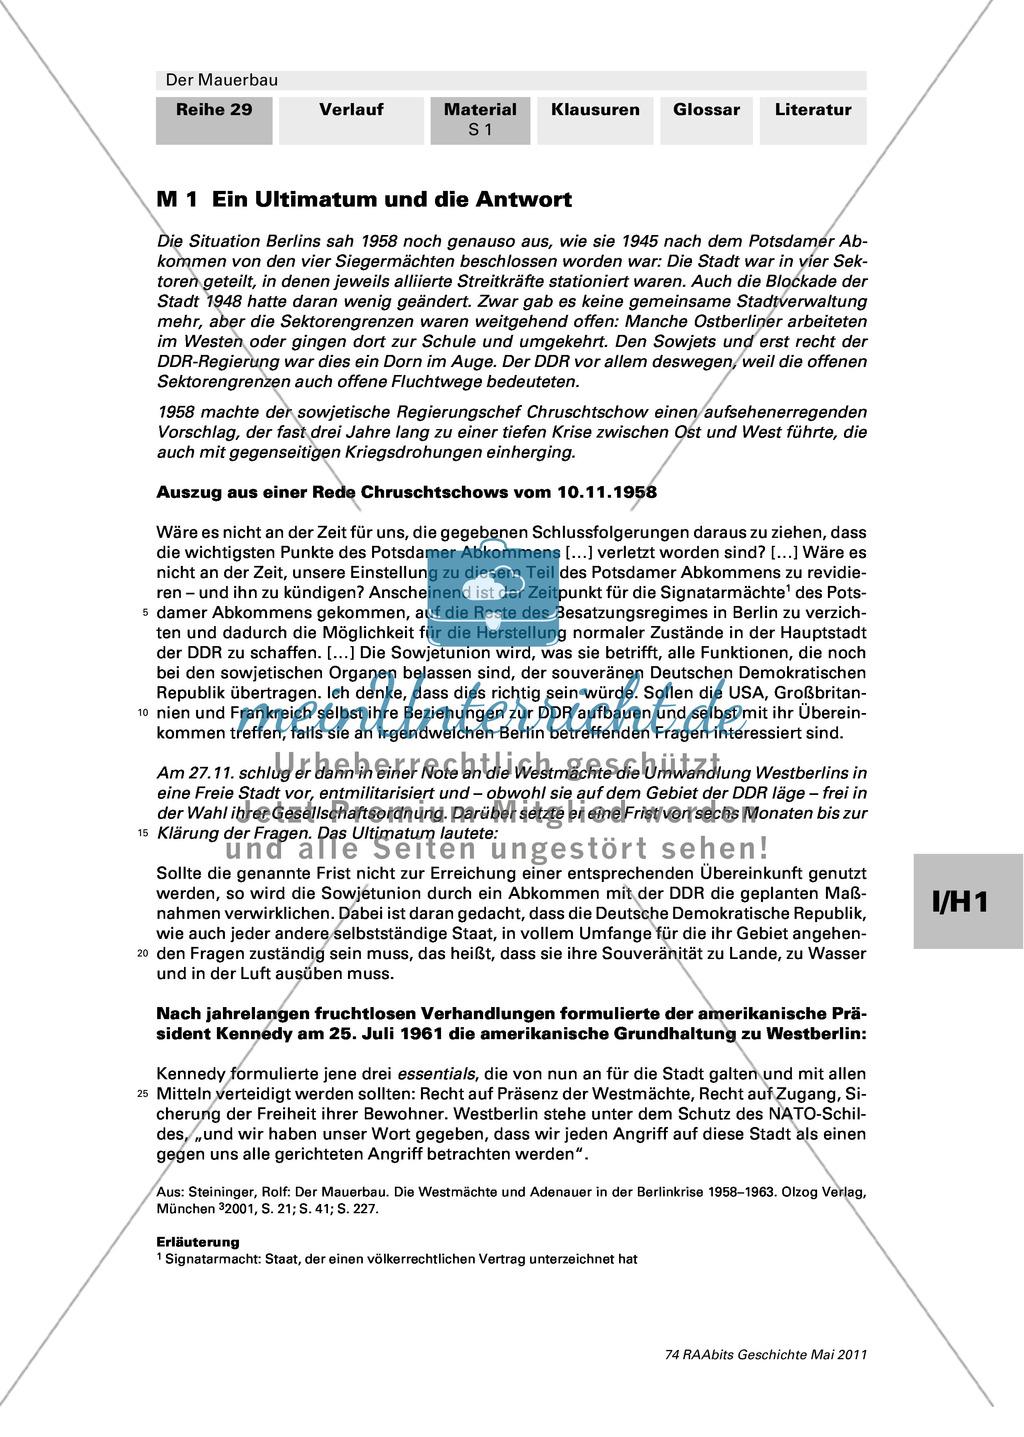 Mauerbau: Text: Rede von Chruschtschow am 10.11.1958 + Text: Kennedys Grundhaltung zu Westberlin vom 25.07.1961 + Tabelle: Flüchtlingszahlen + Karikaturen zum Mauerbau +  Stationenpass Preview 0